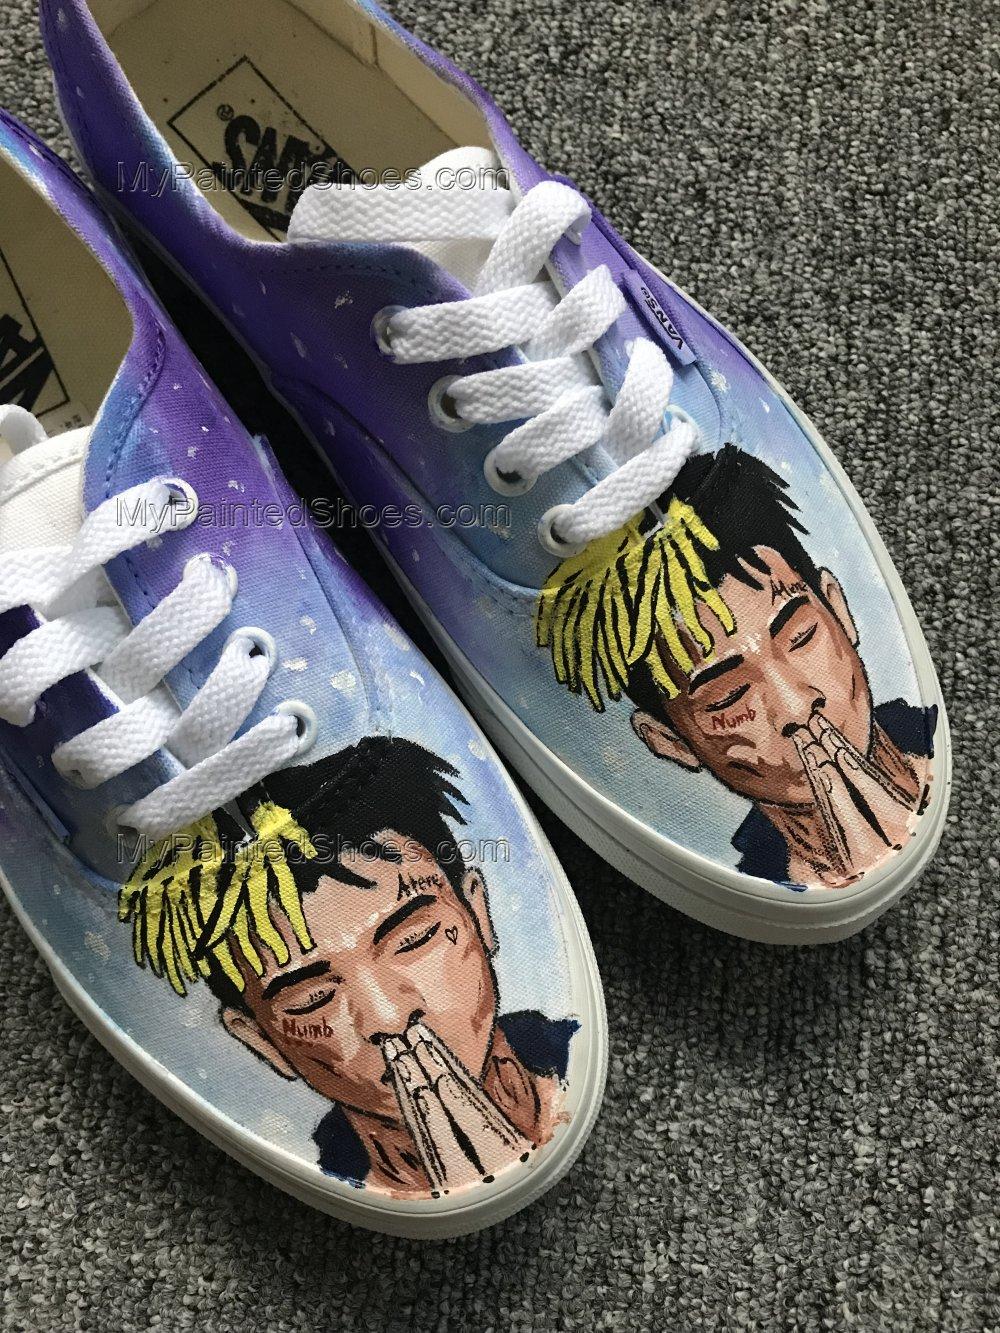 XXXTentacion Vans Custom Favorite Musician Vans-1